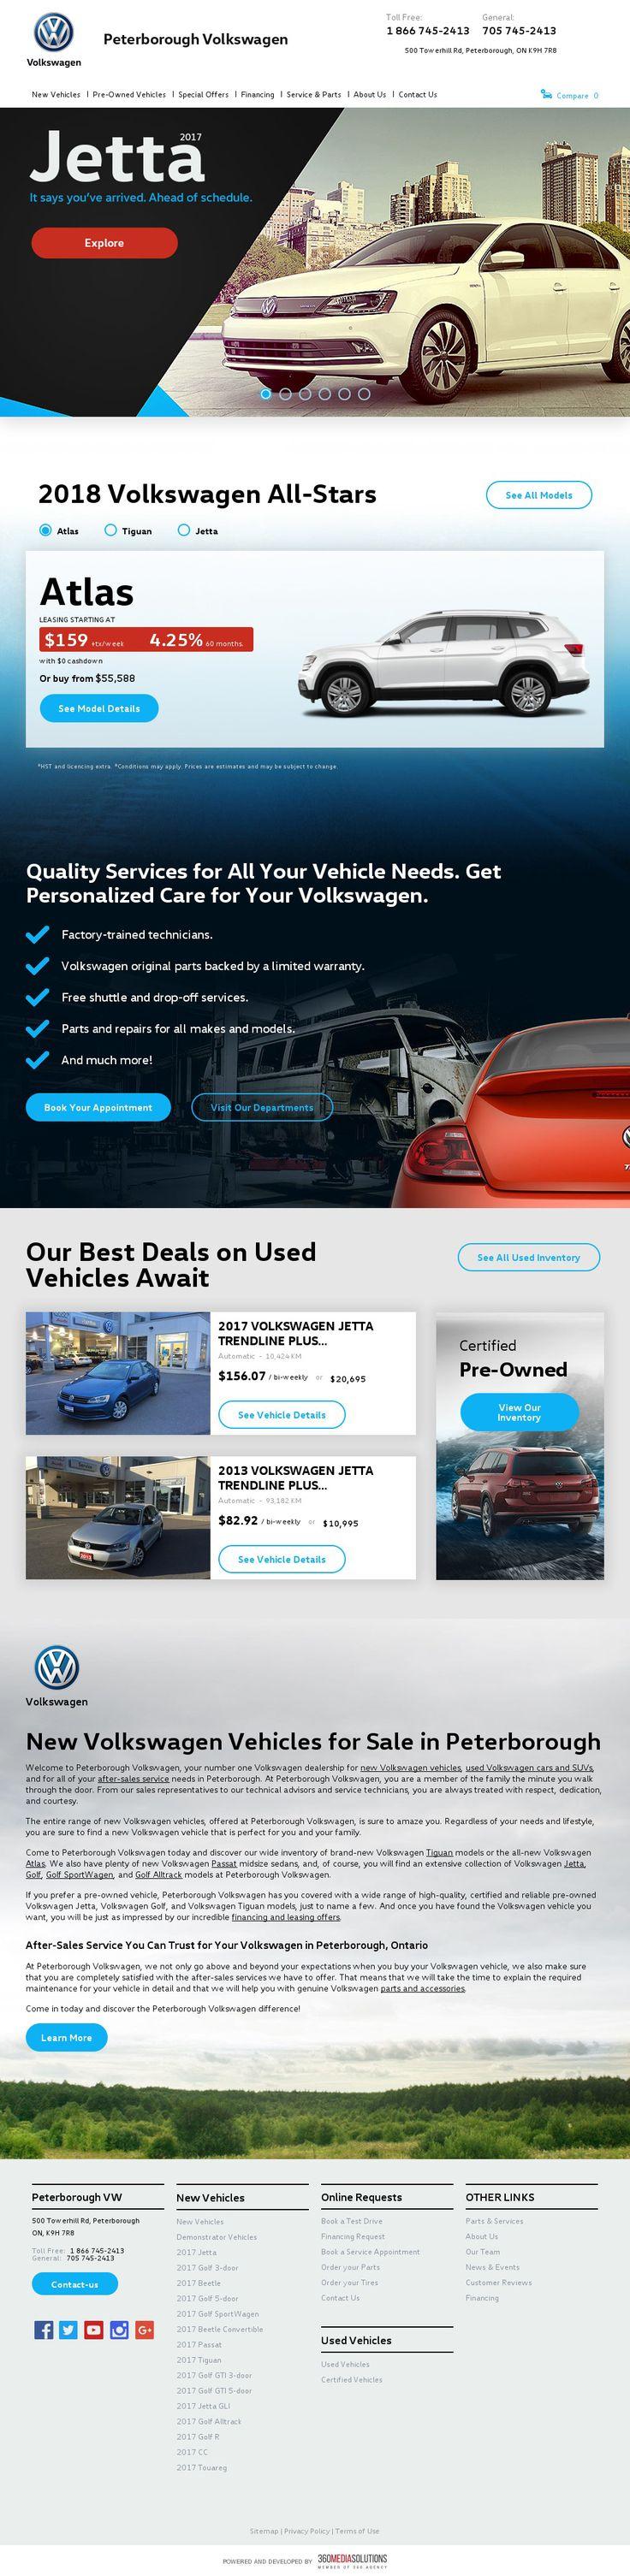 Best Web Design For Car Dealers Get Inspired Today Webdesign Design Graphicdesign Car Websites Agency 360 Volkswagen Car Volkswagen Cars For Sale Used